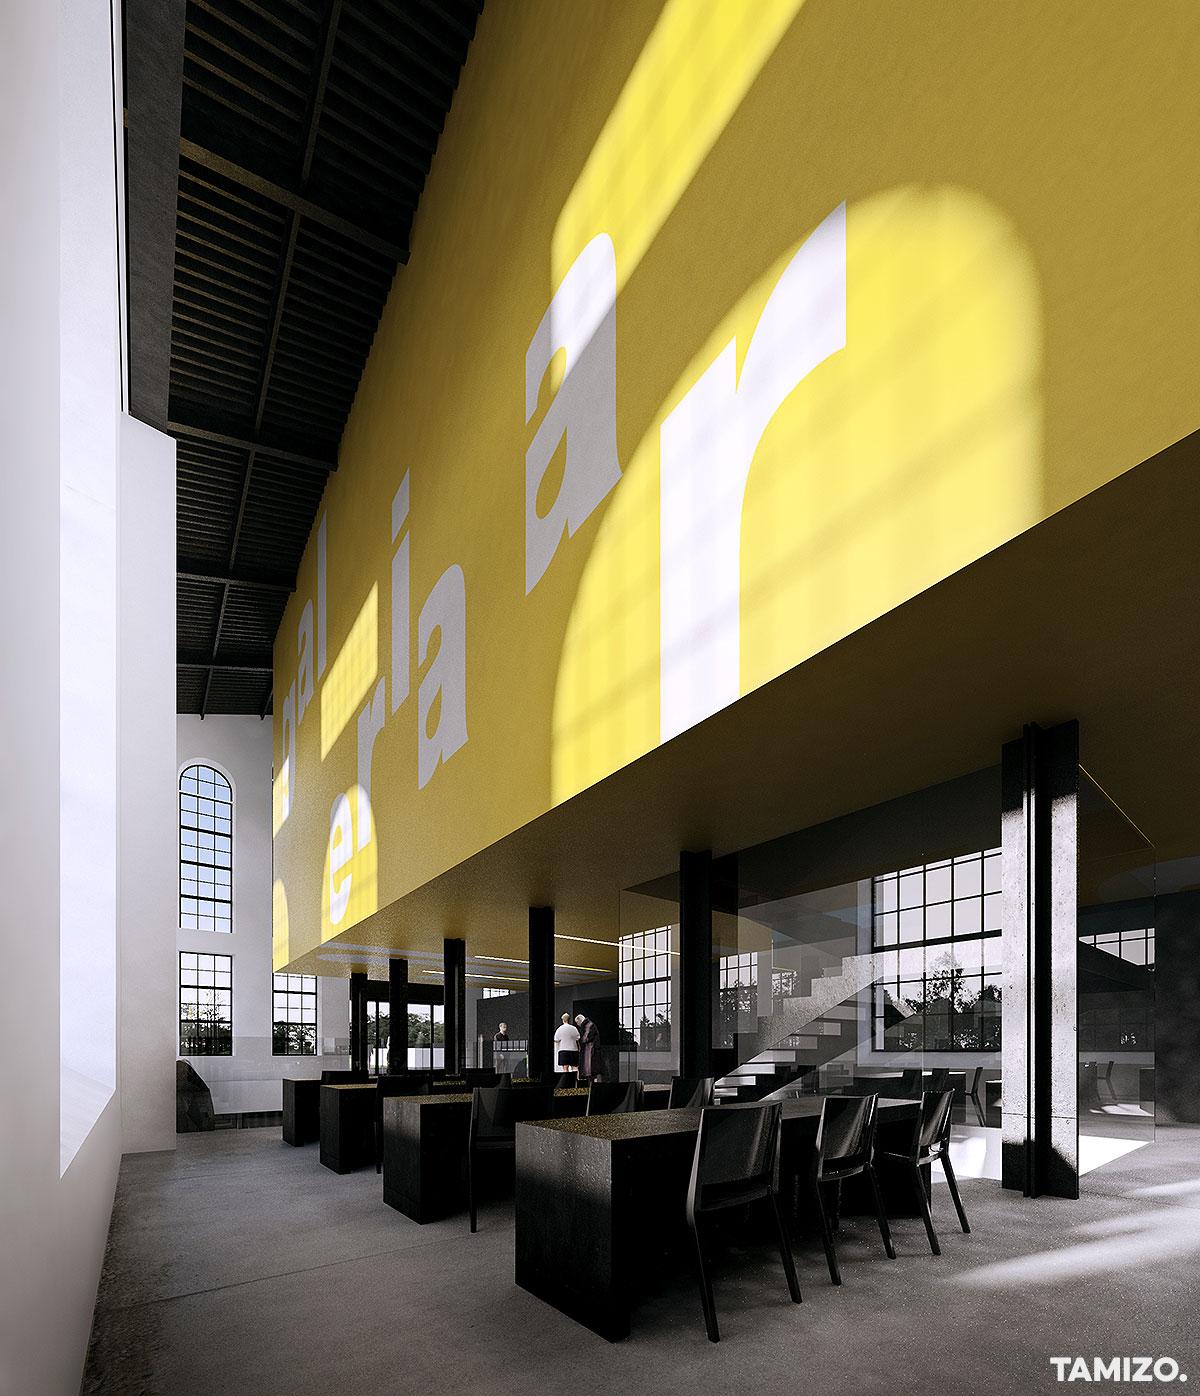 A052_tamizo_architekci_konkurs_galeria_arsenal_bialystok_muzeum_05